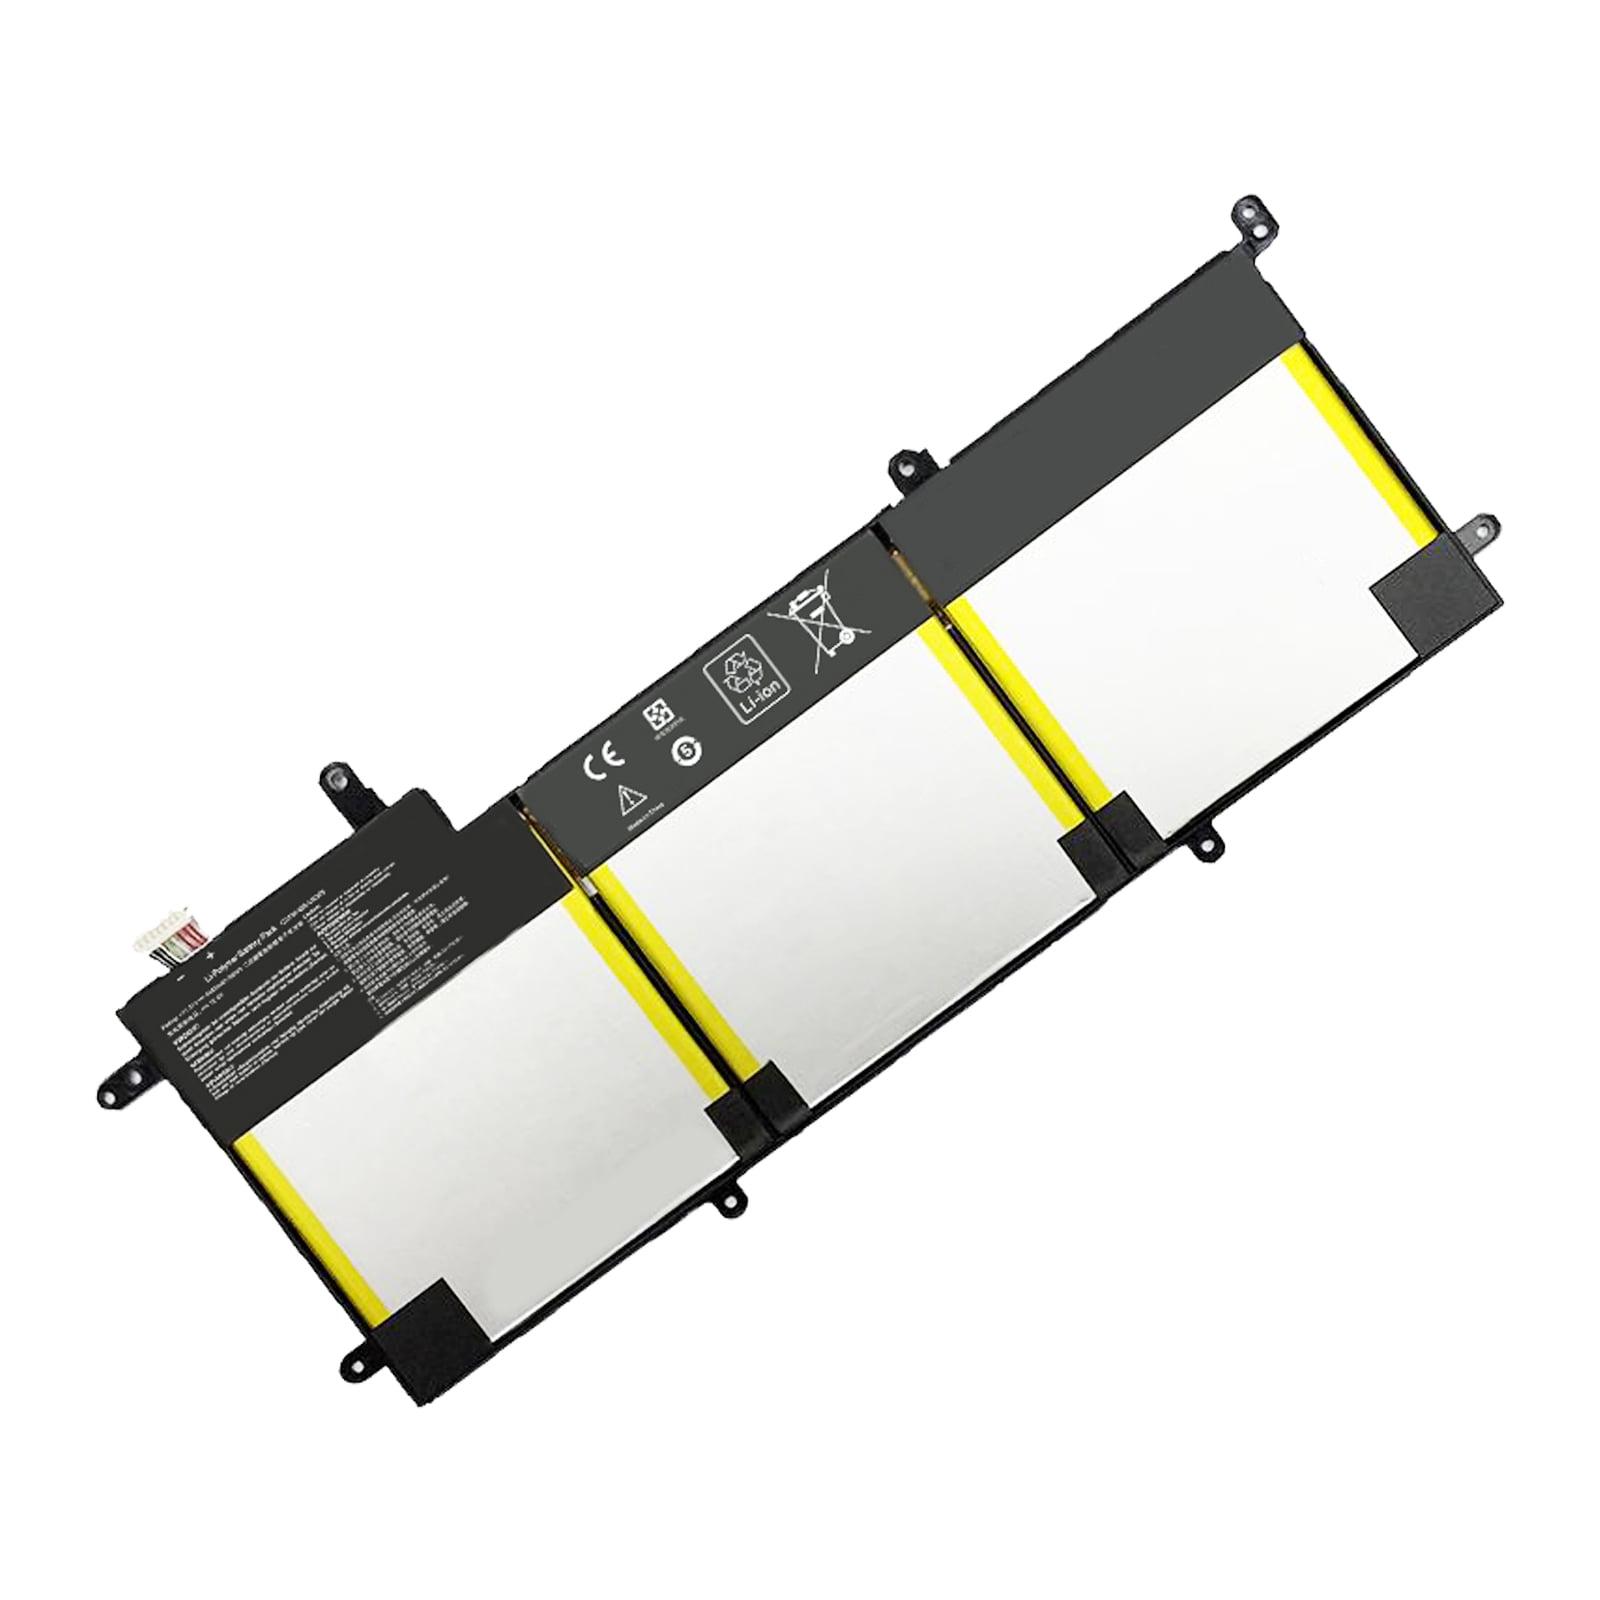 Superb Choice® Battery for ASUS Zenbook UX305LA-FC012T UX305LA-FC013T - image 1 of 1